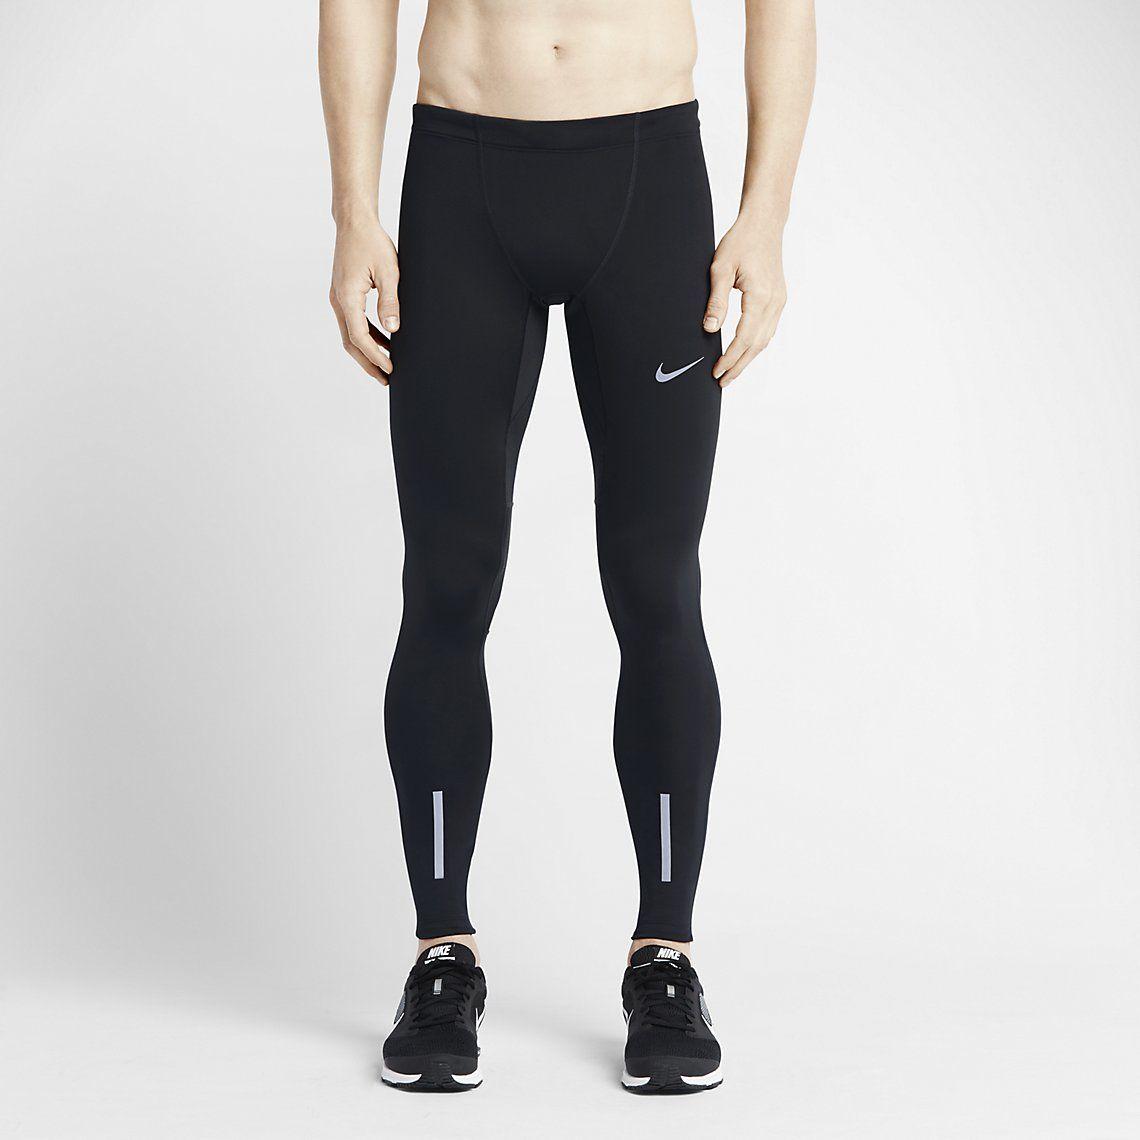 34ed6f7646 Nike Tech Men's Running Tights. Nike.com | running | Mens running ...